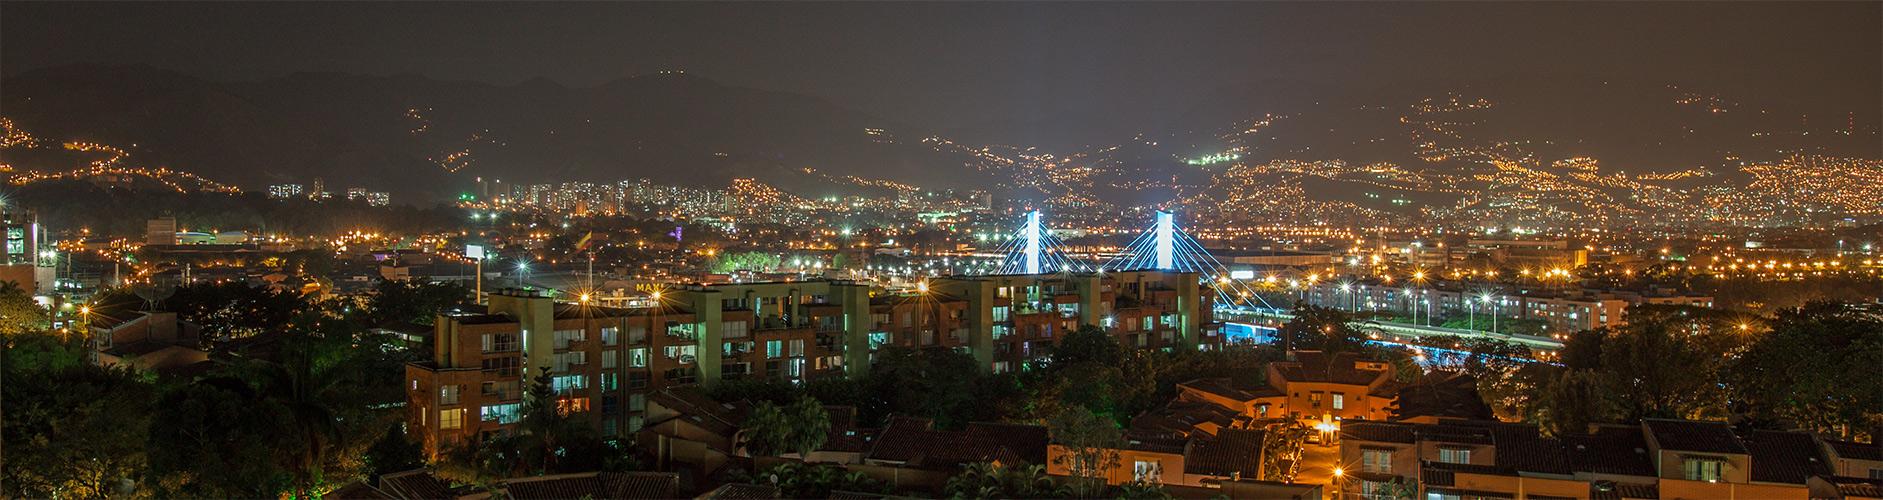 Buenas Noches Medellin